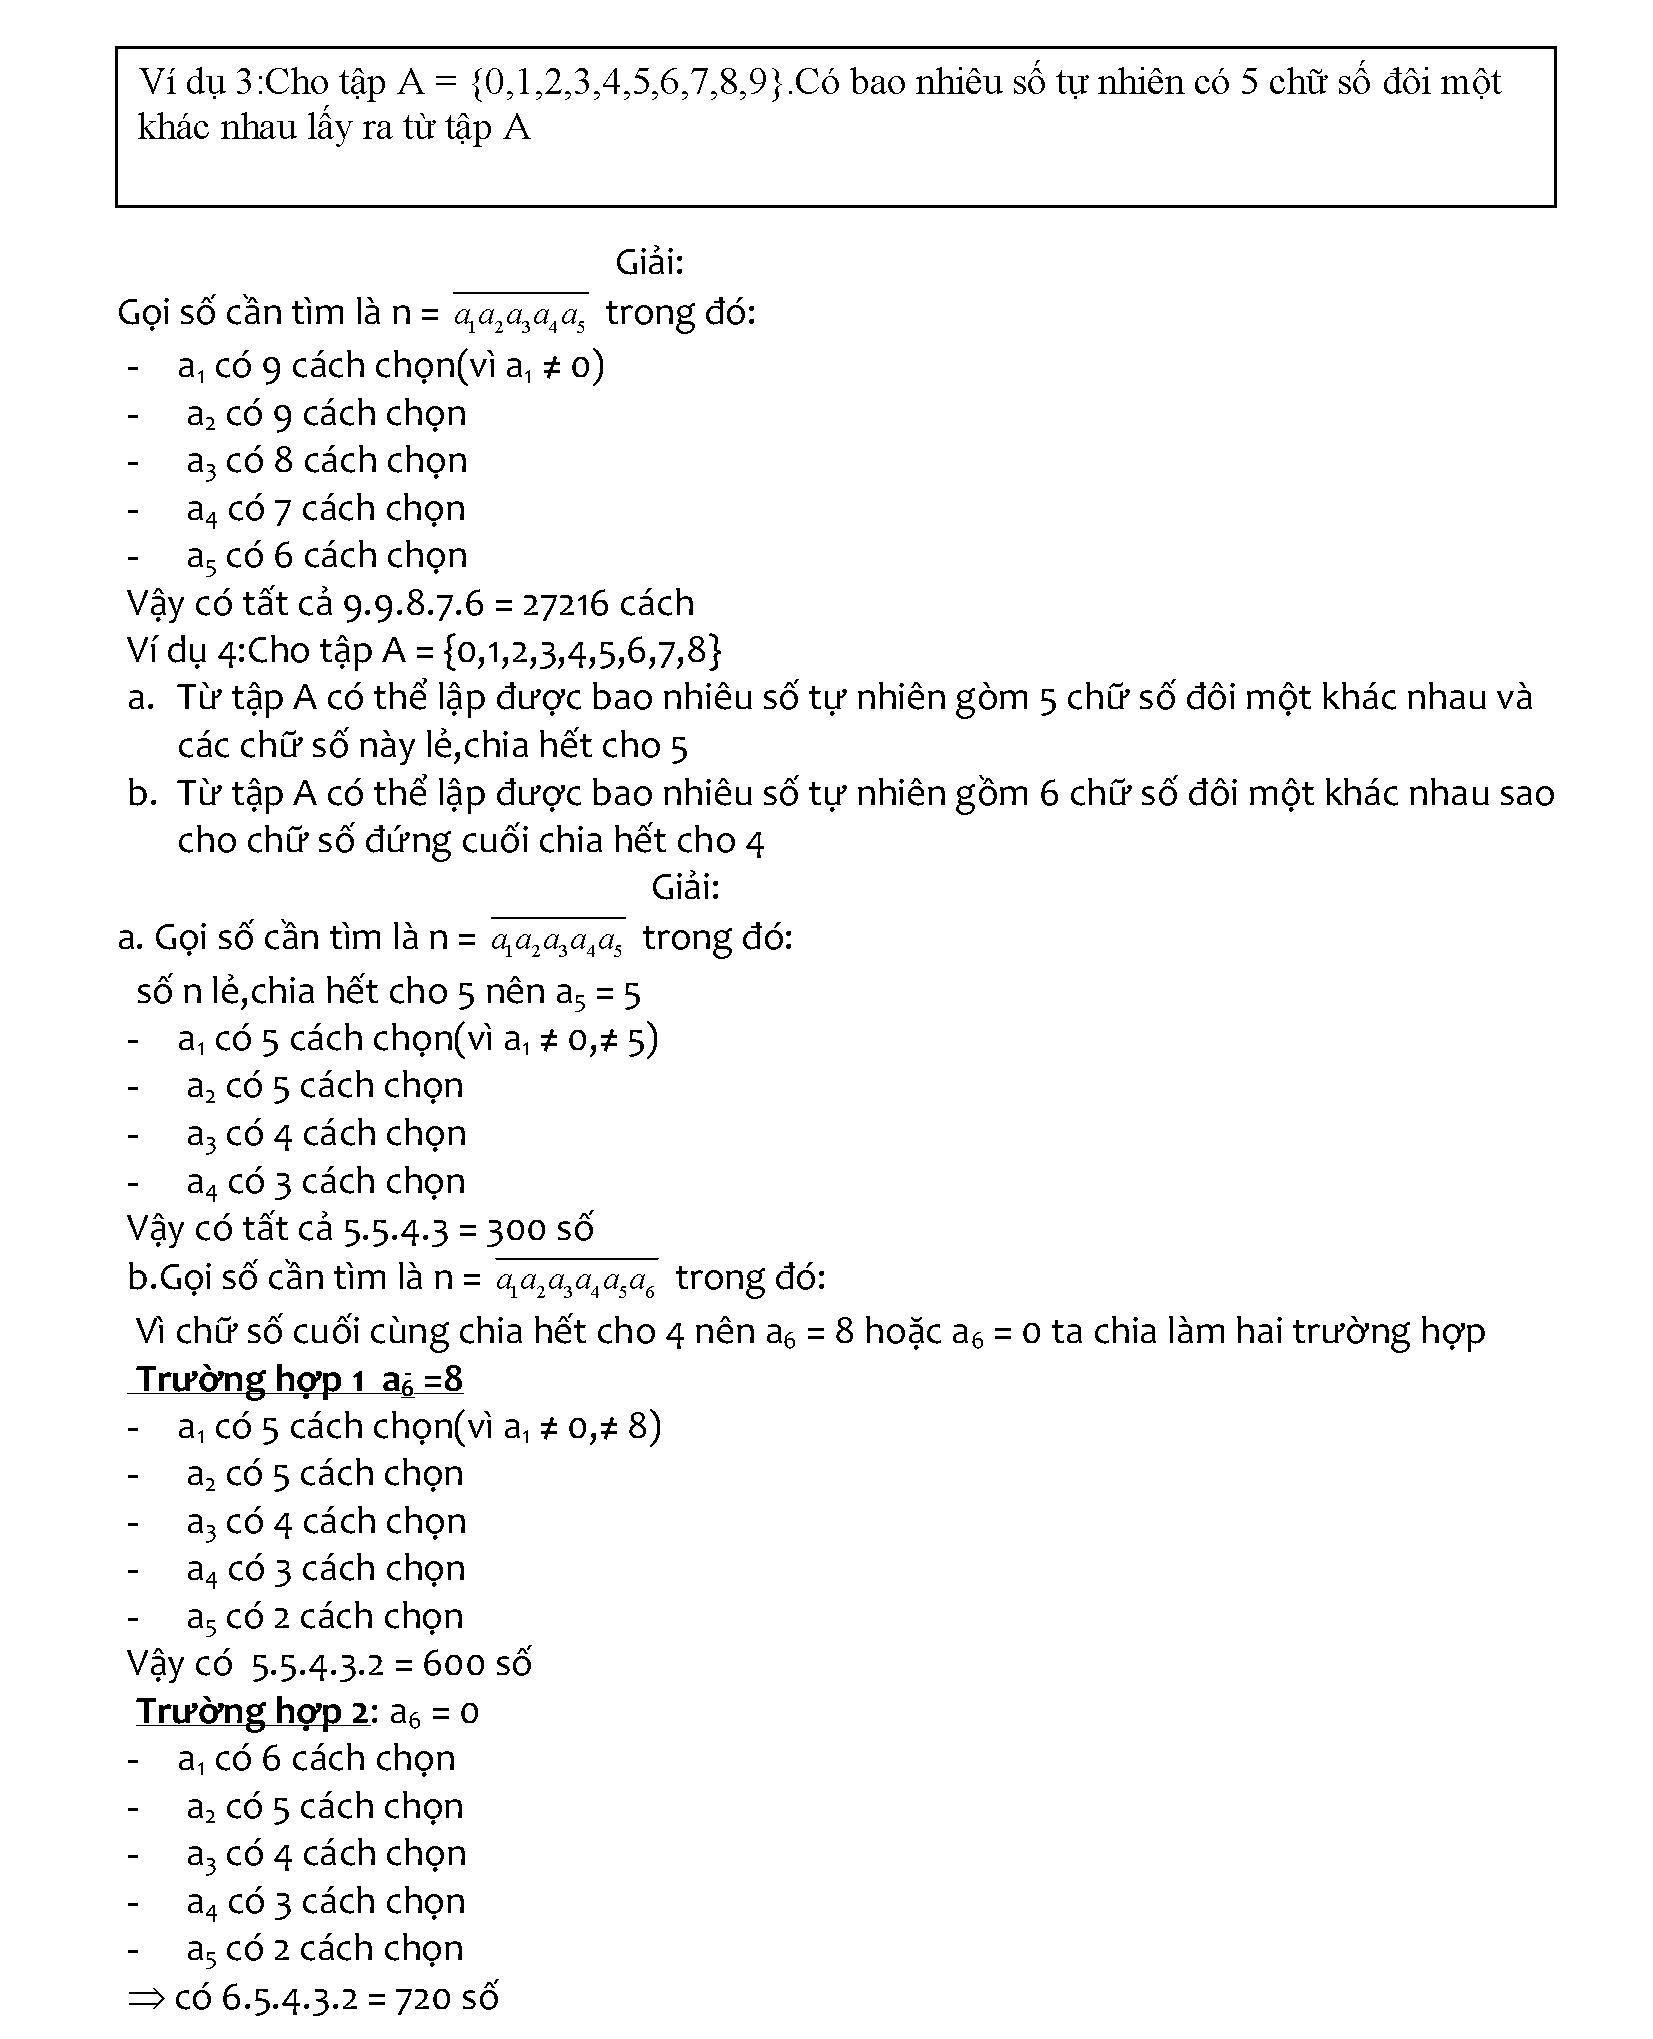 Bài tập quy tắc đếm lớp 11 có lời giải chi tiết